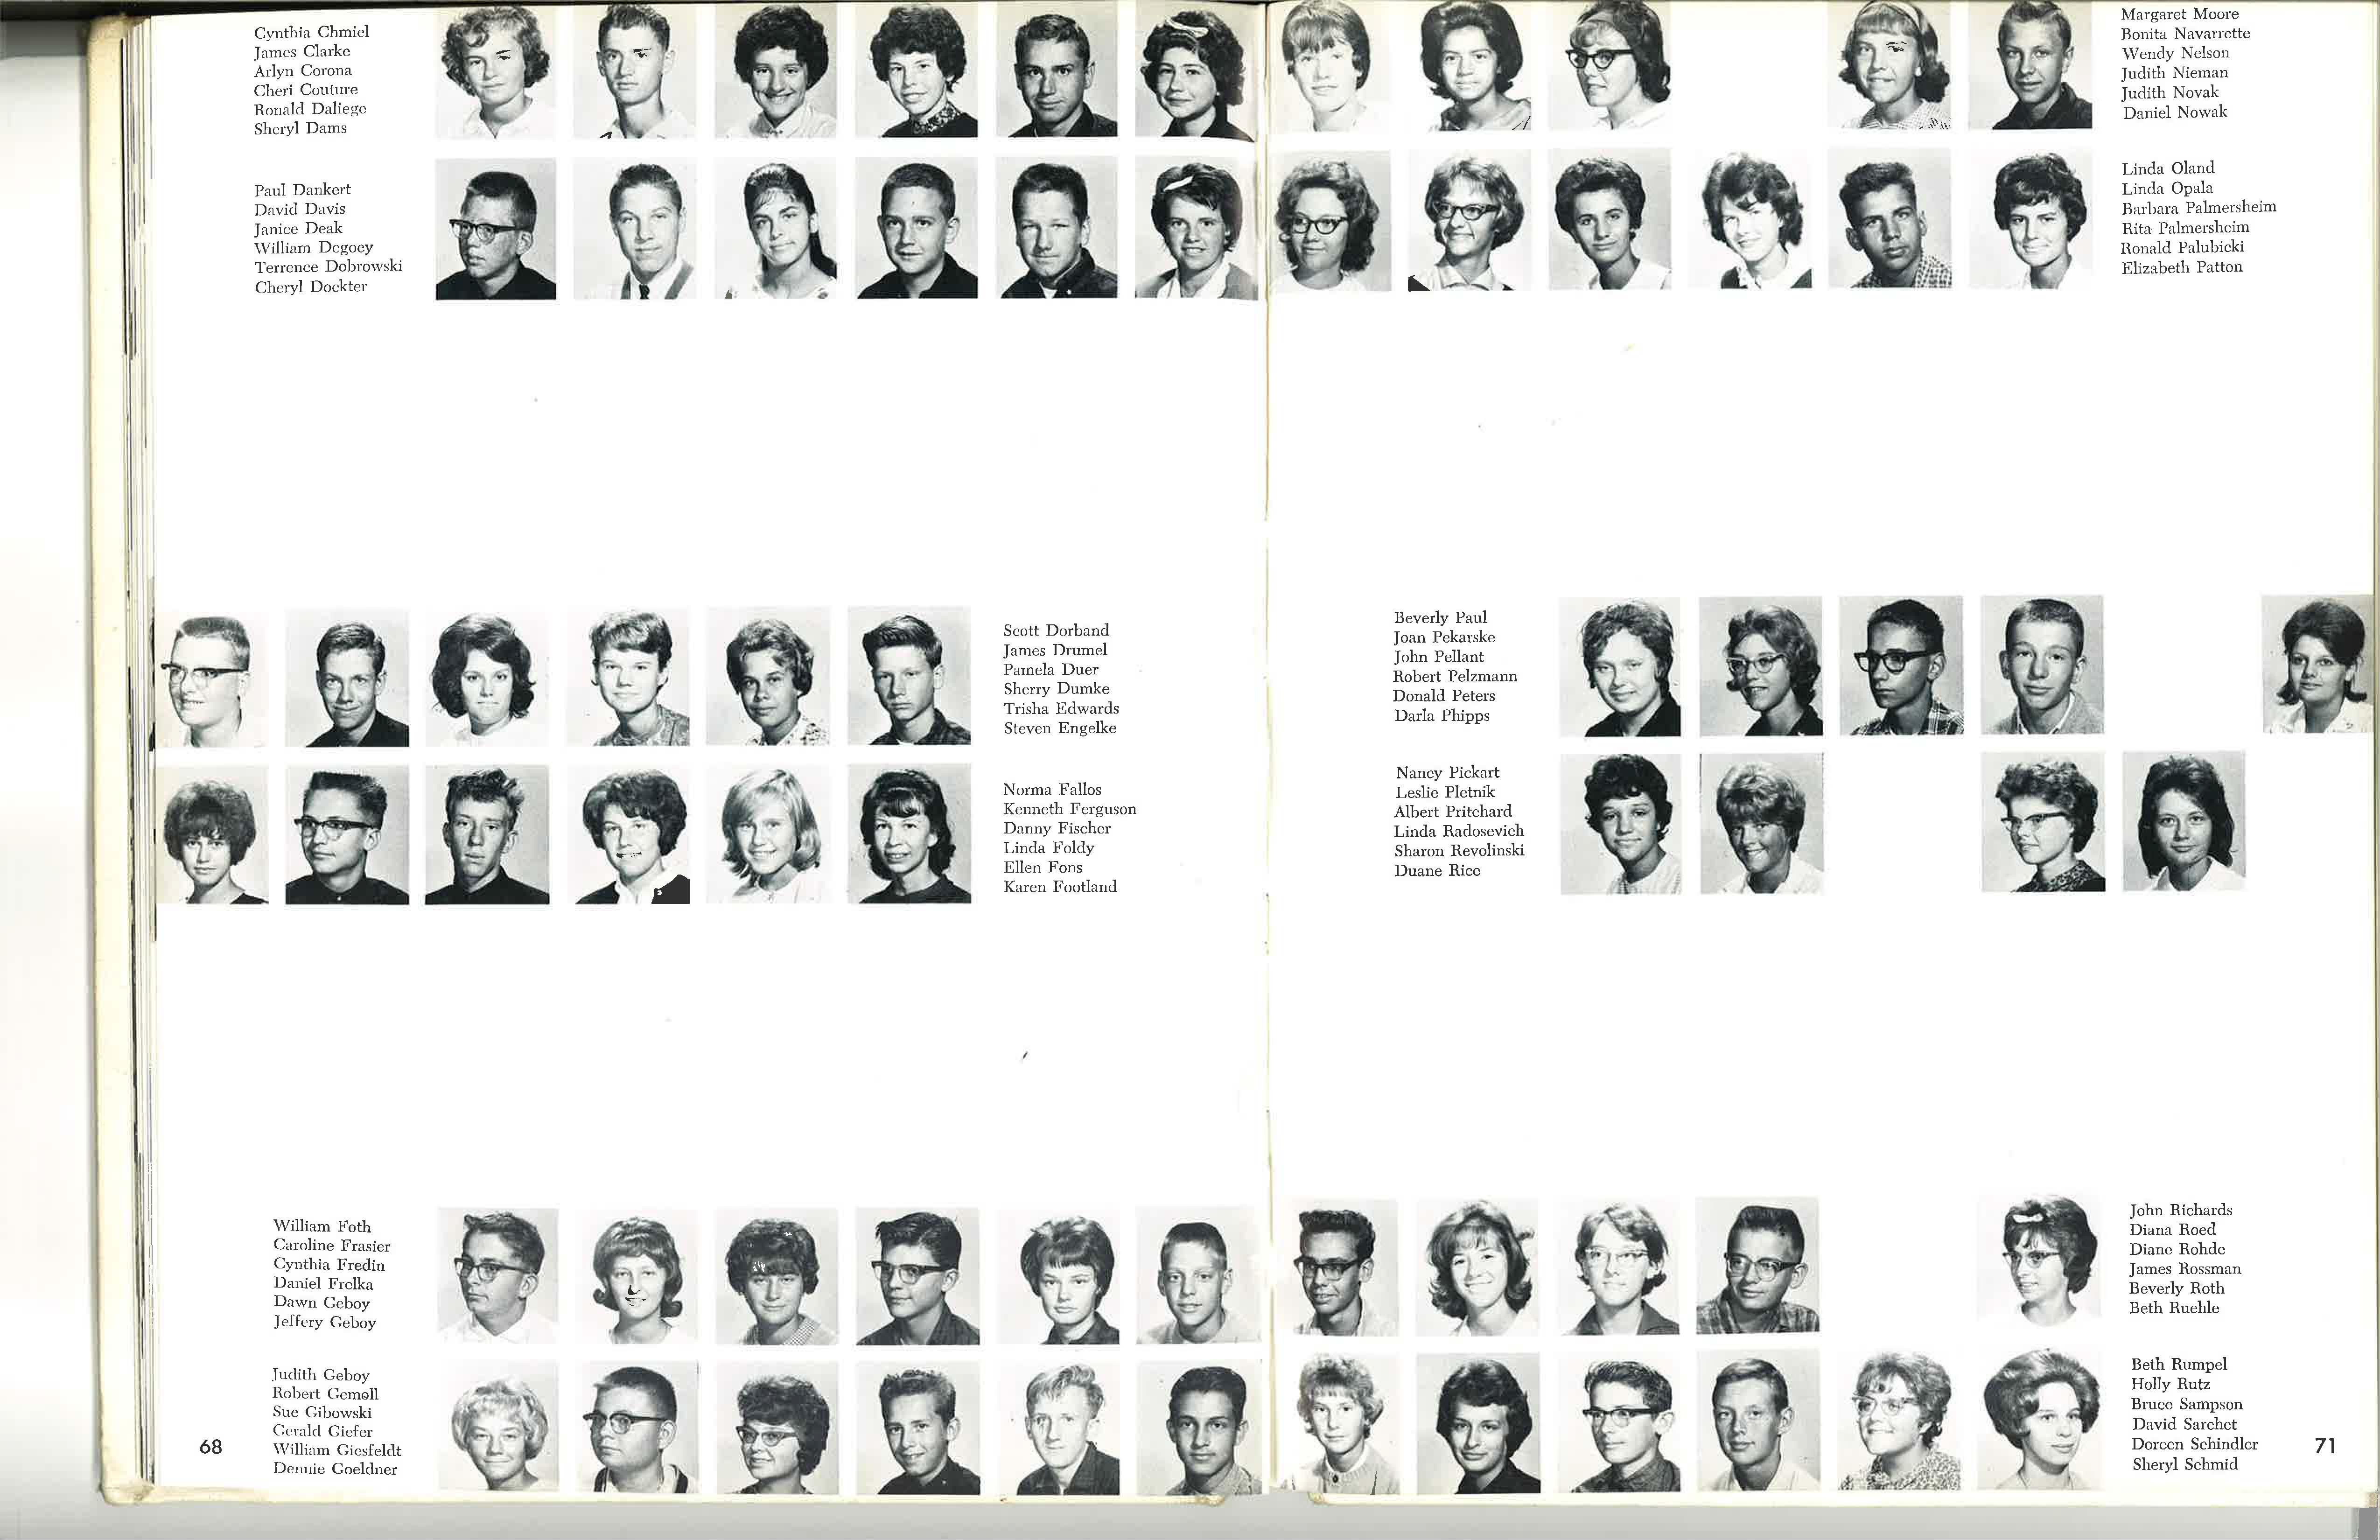 1964_Yearbook_Freshmen_68-71.jpg